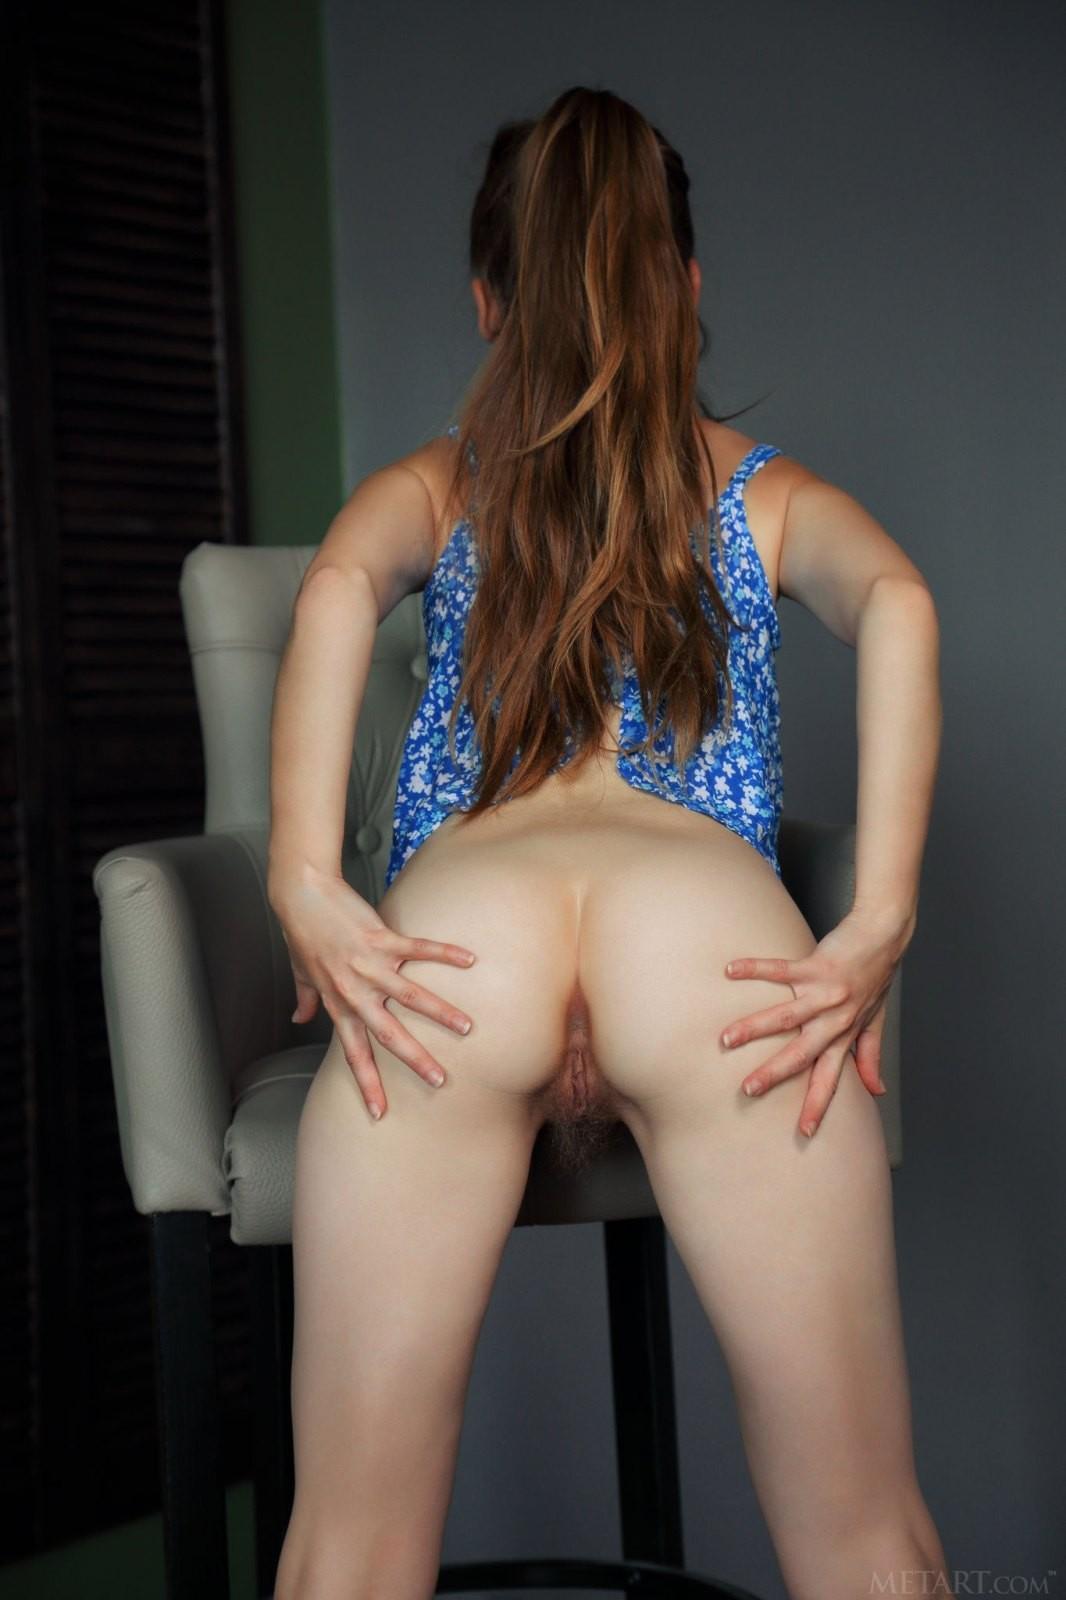 Молодая девушка с волосатой киской - фото